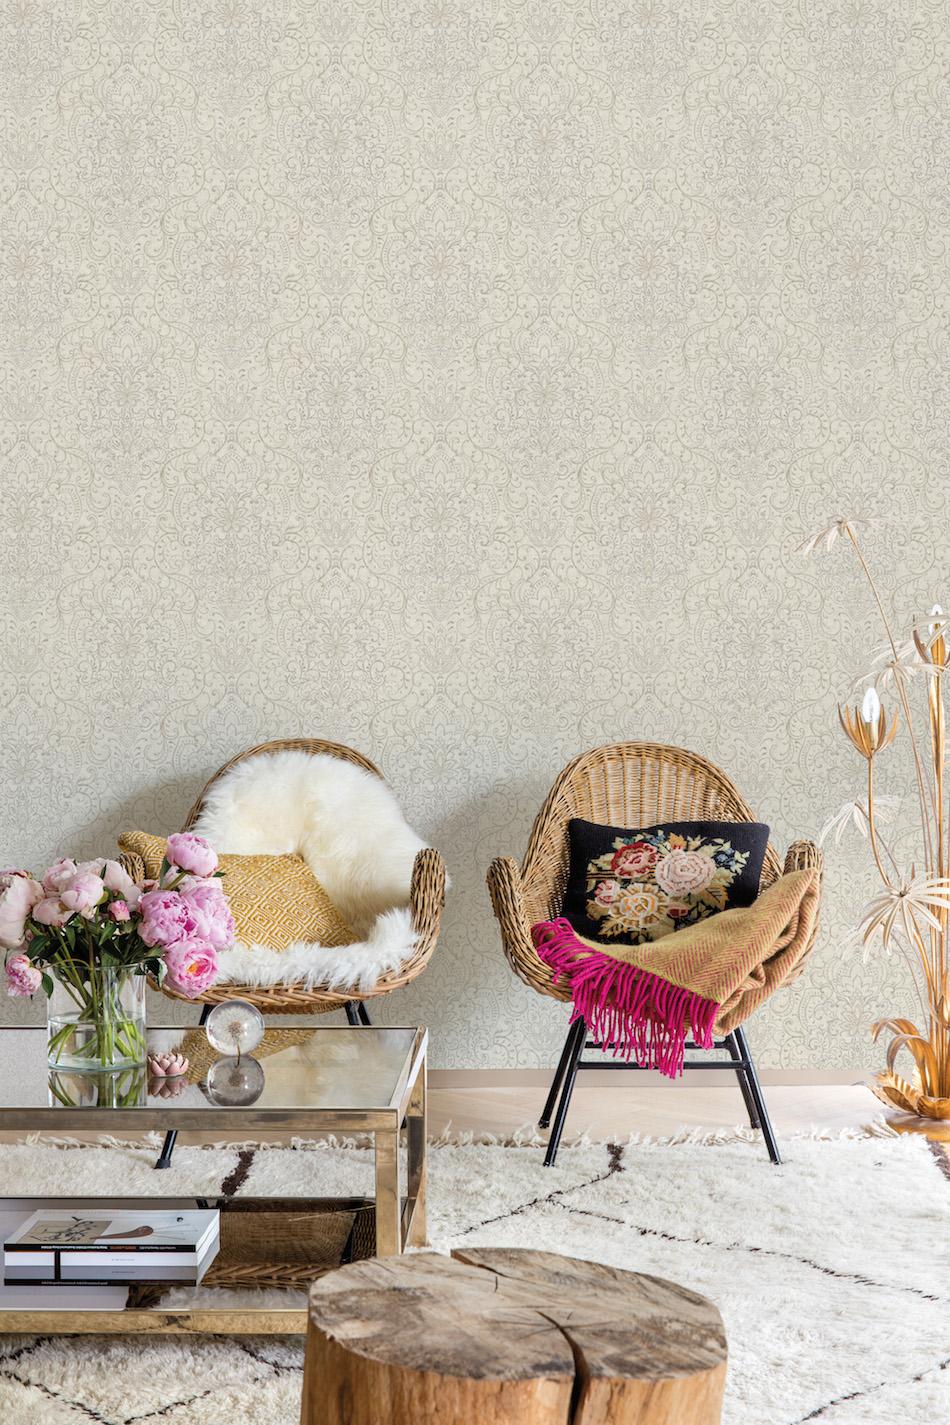 Wallpaper m-wfa_ori_or3306_m